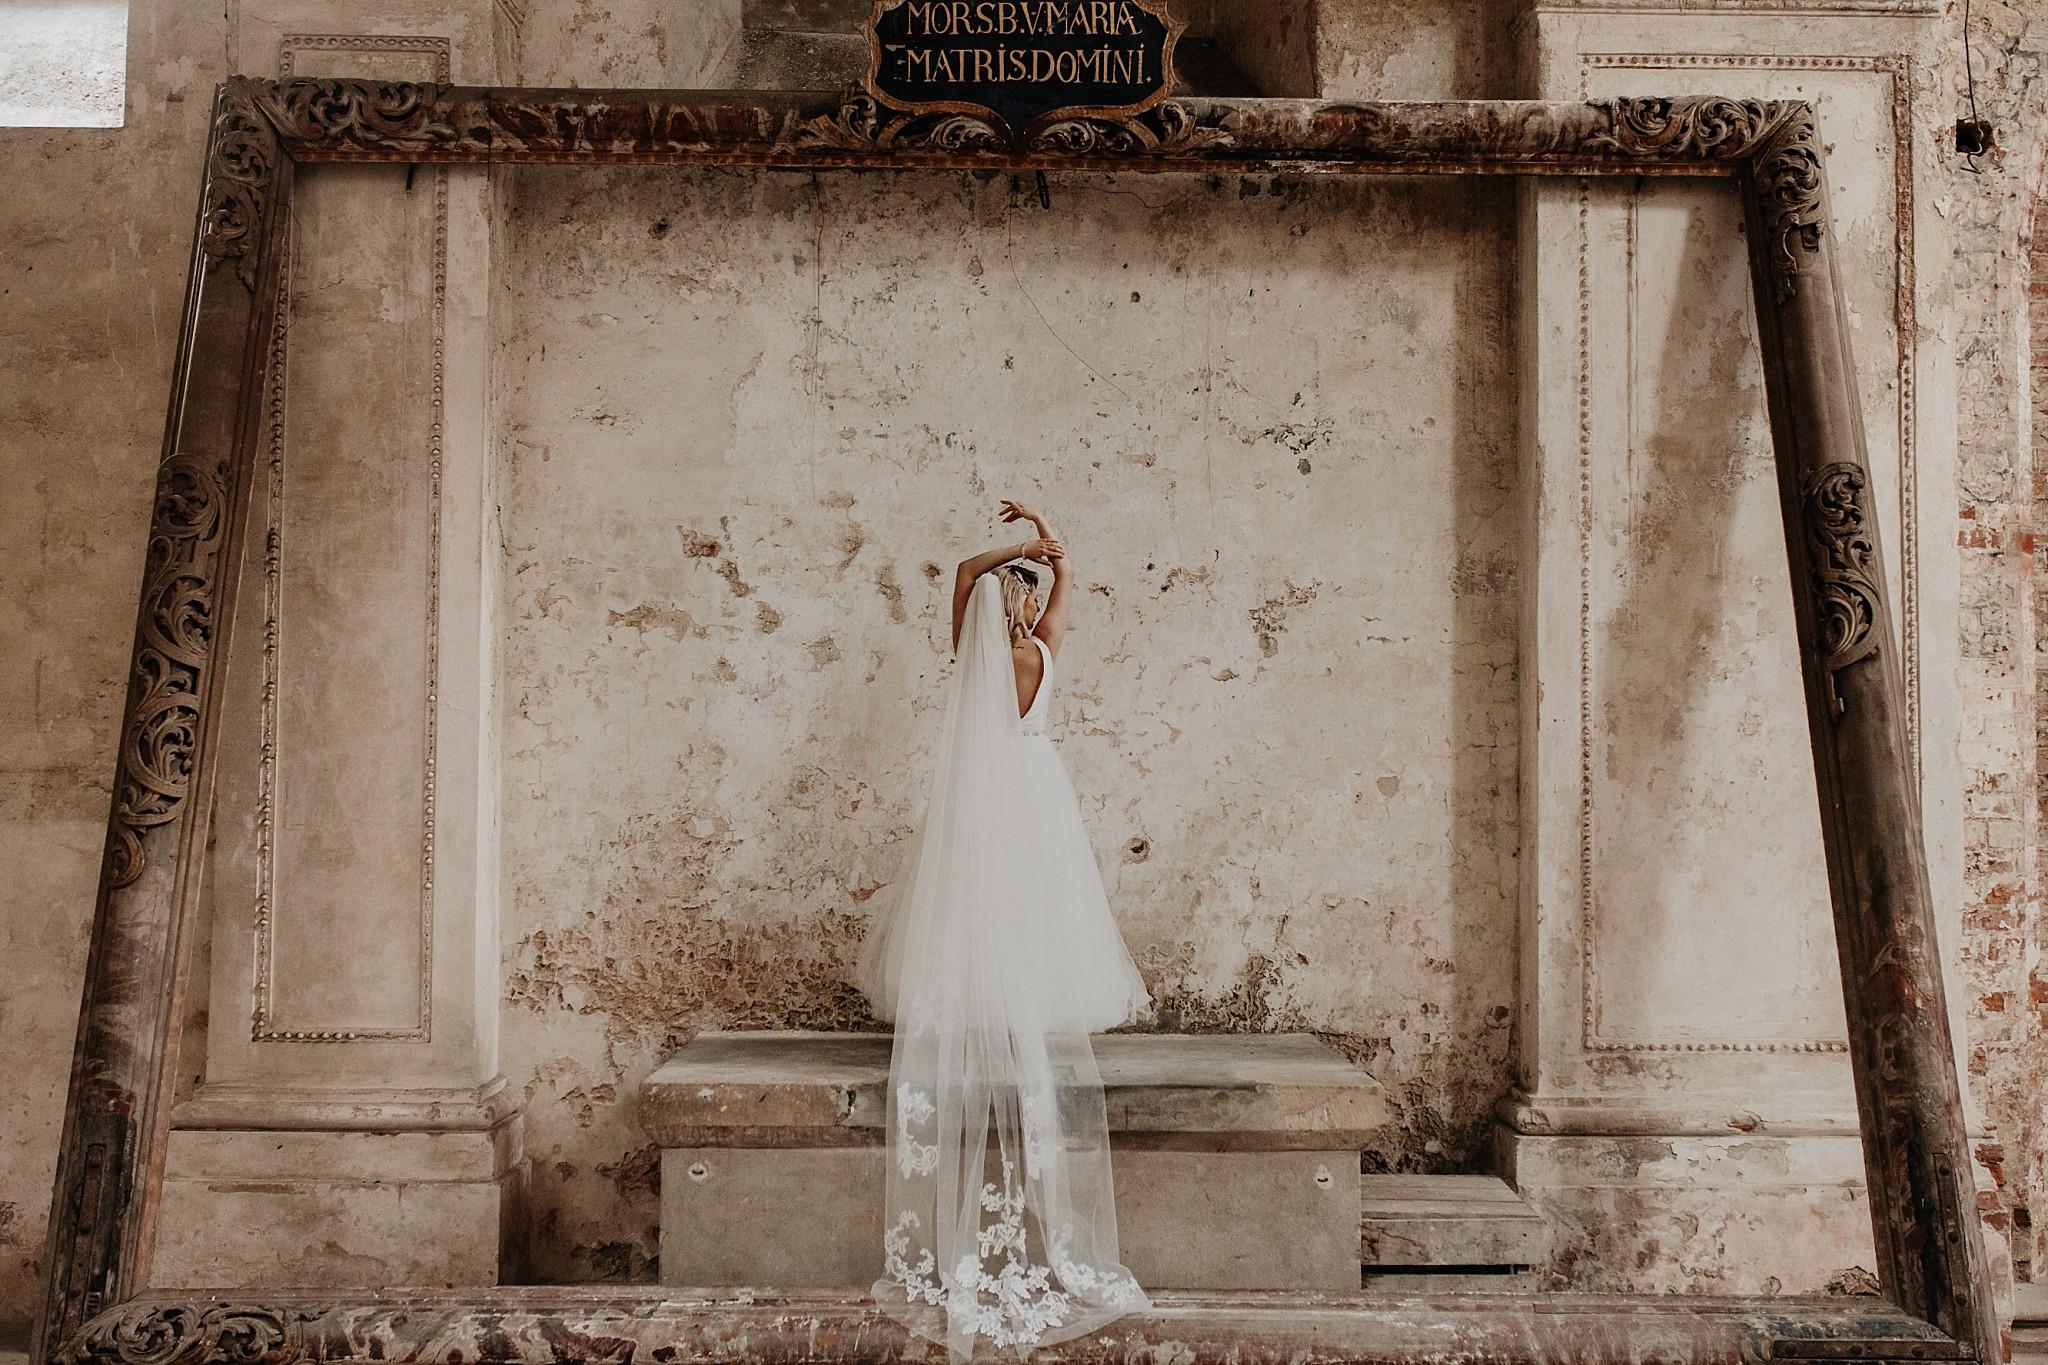 lubiaz opactwo cystersow sesja na zamku sesja zdjeciowa sesja slubna w palacu sesja palac fotograf z poznania fotografia slubna poznan 076